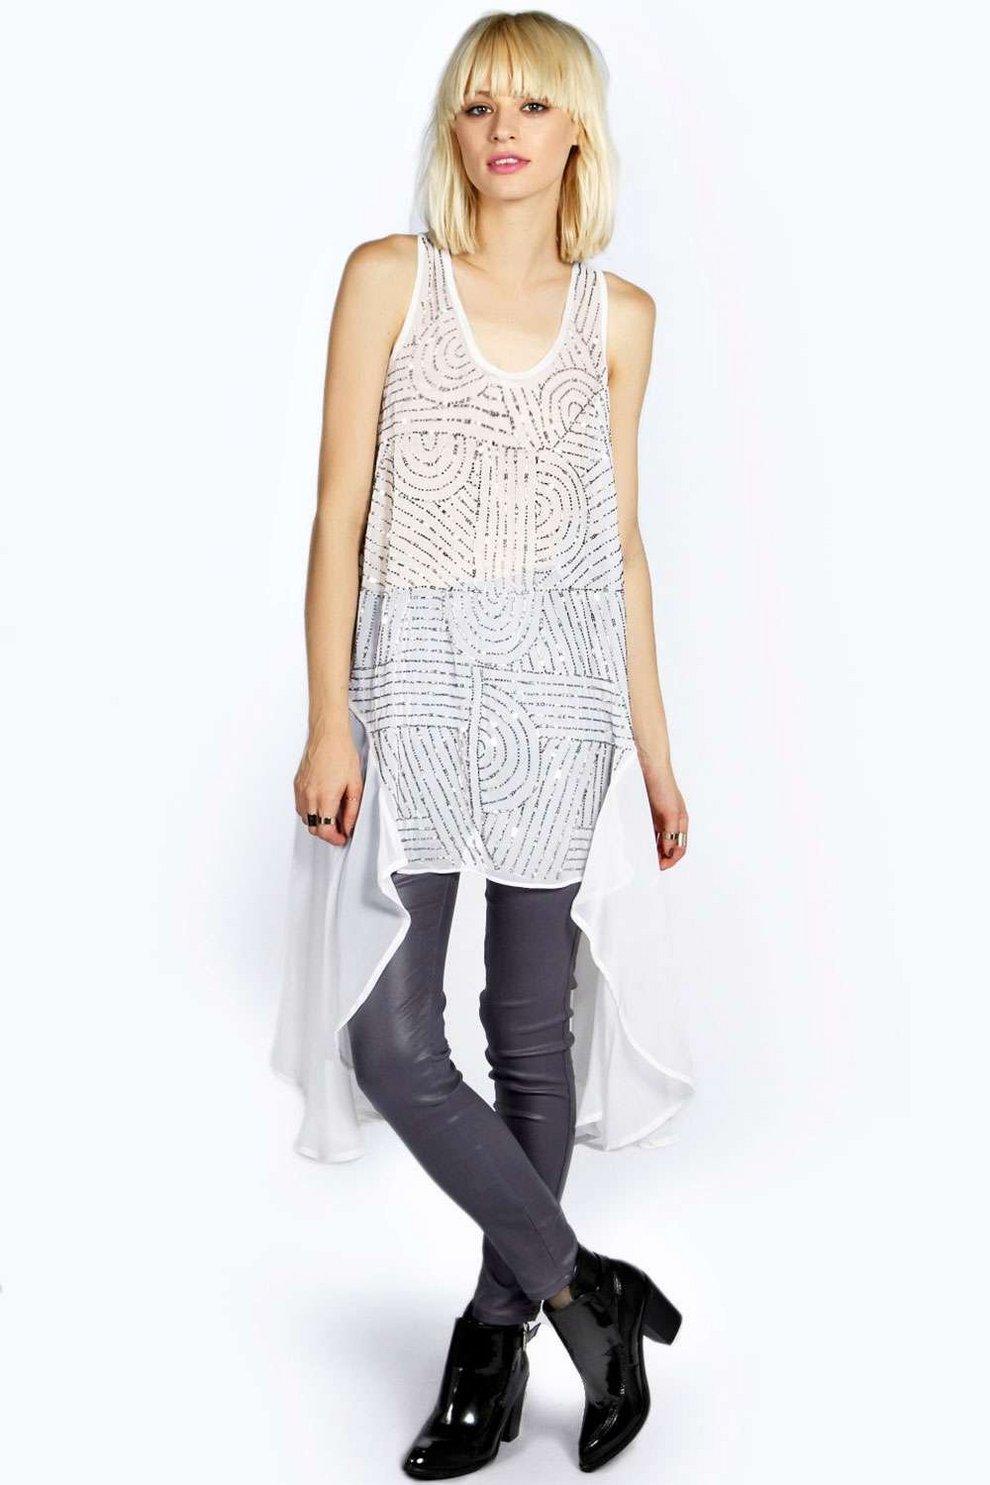 0efb3cfa6 vestido tipo túnica largo con cuentas por delante y dobladillo asimétrico  lucia boutique